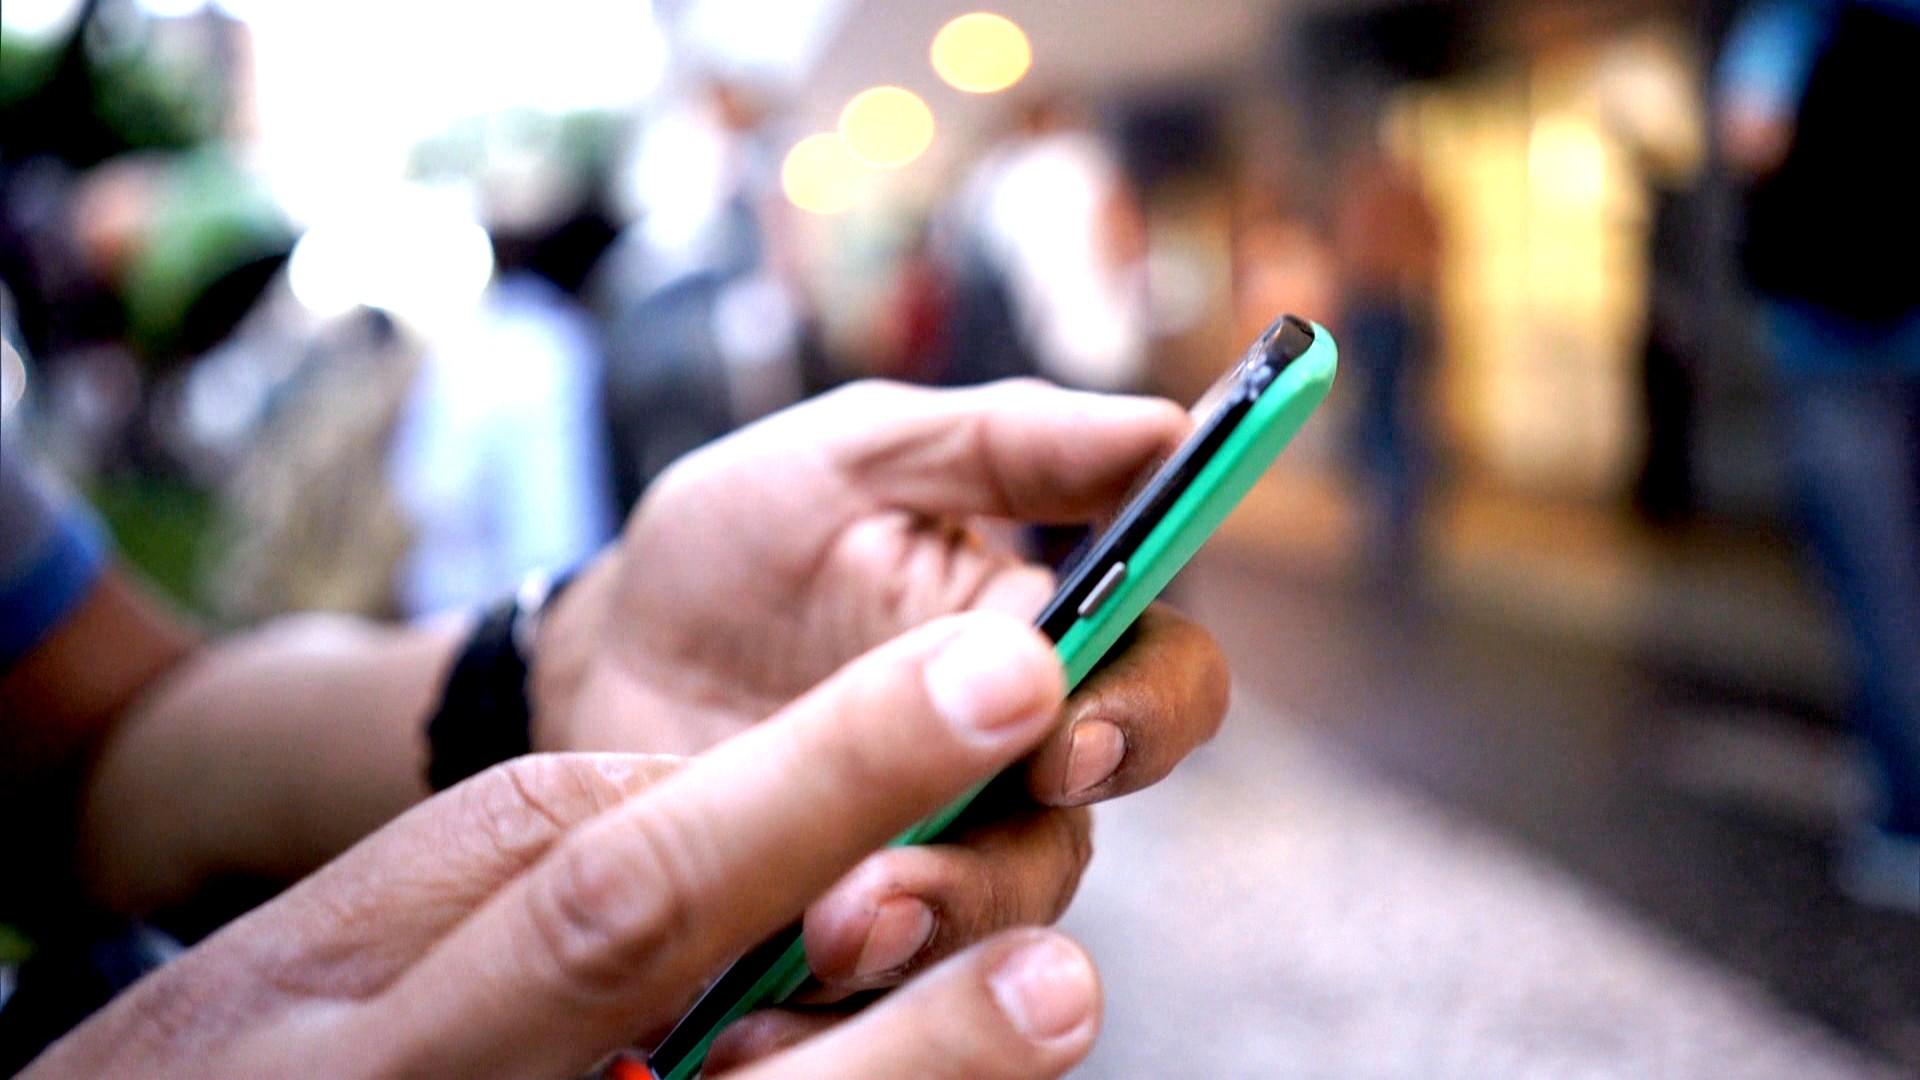 Redes sociais não fazem mal, desde que não substituam atividades mais saudáveis, diz estudo - Notícias - Plantão Diário